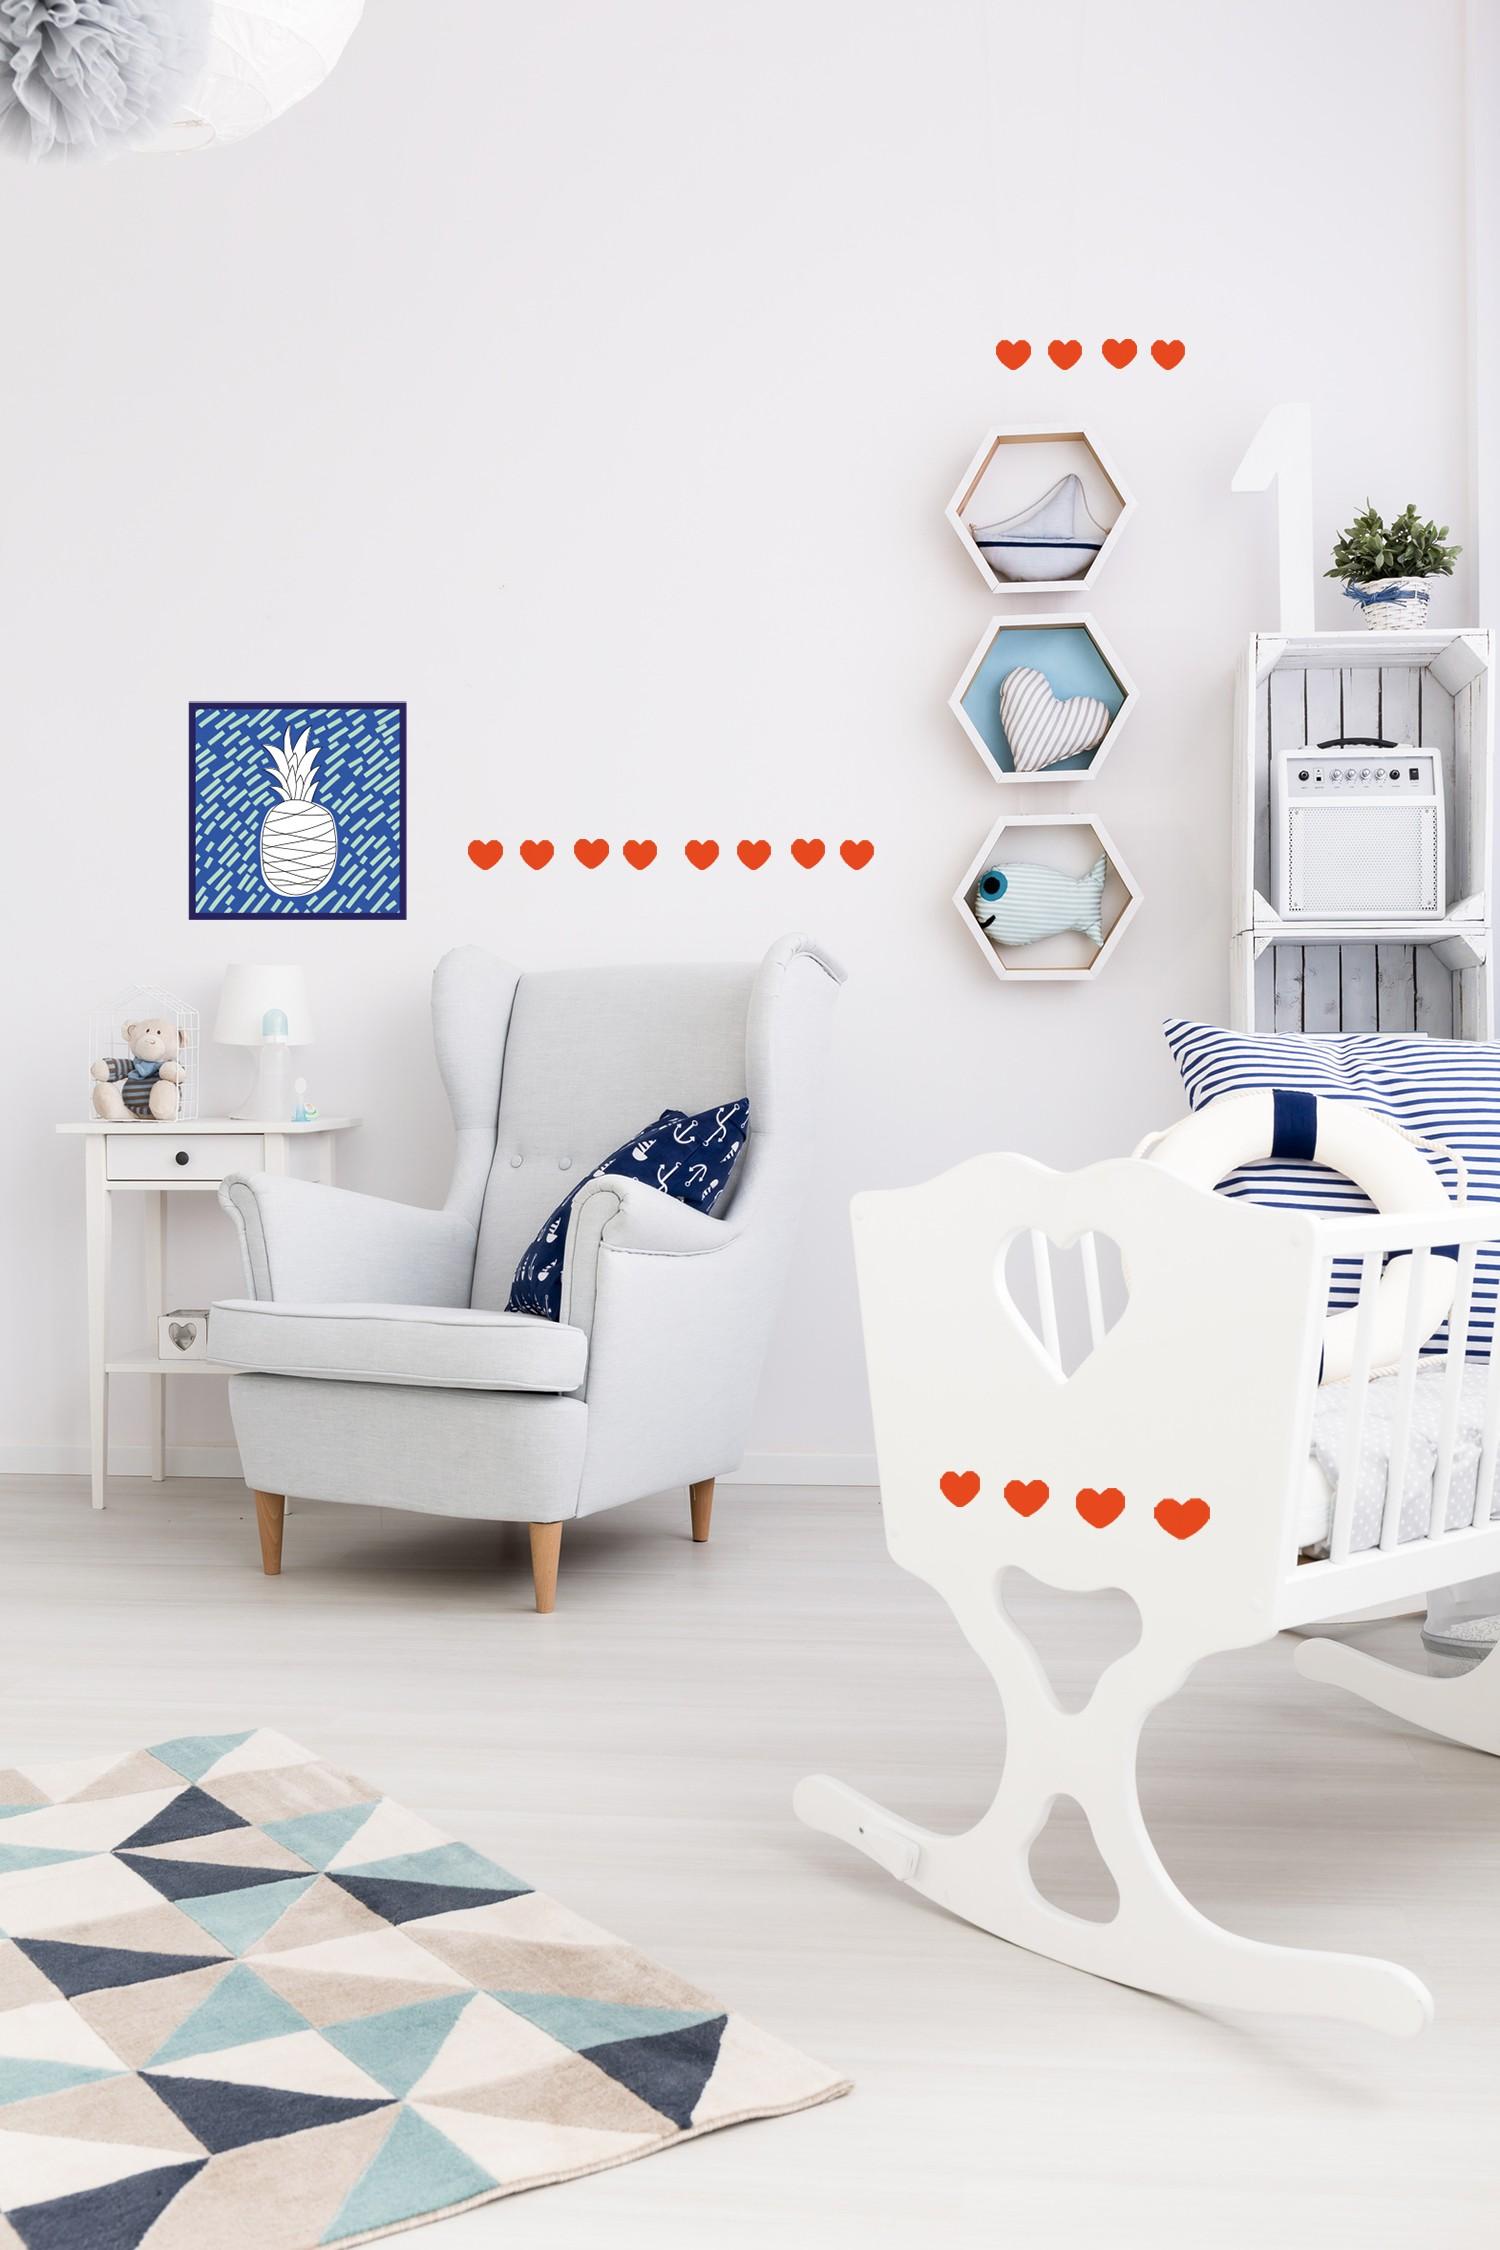 Idée décoration chambre mur bébé  autocollant cœur rouge